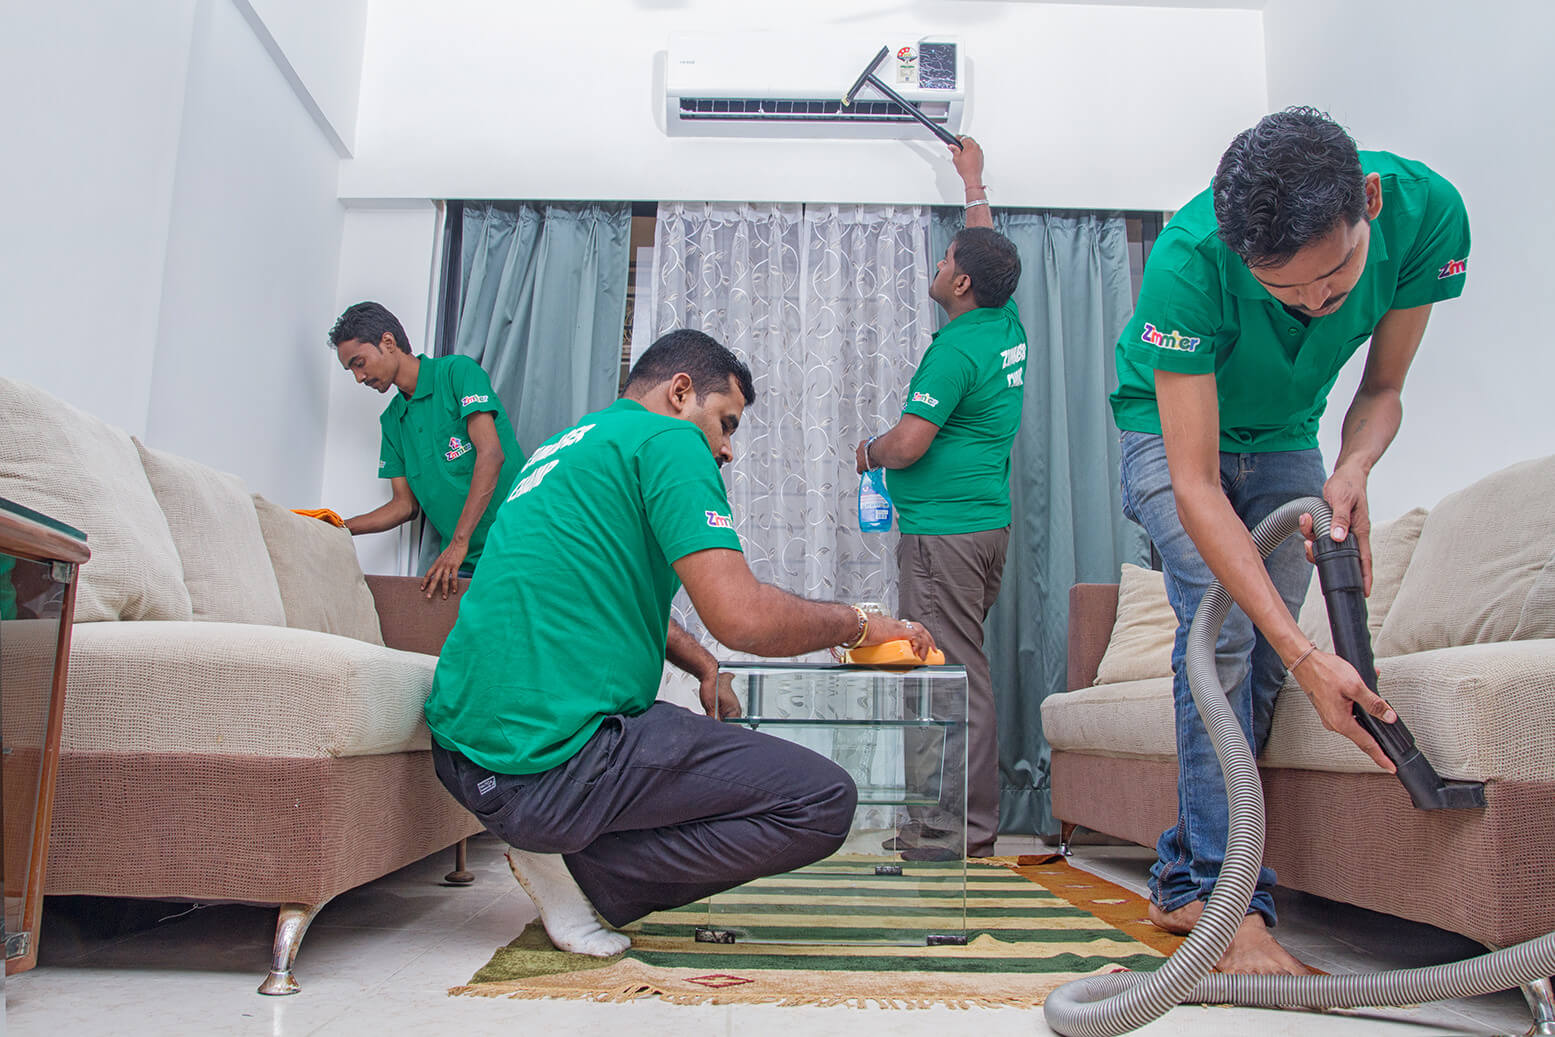 صورة شركة تنظيف منازل , افضل شركة لتنظيف المنازل بالمدينة المنورة